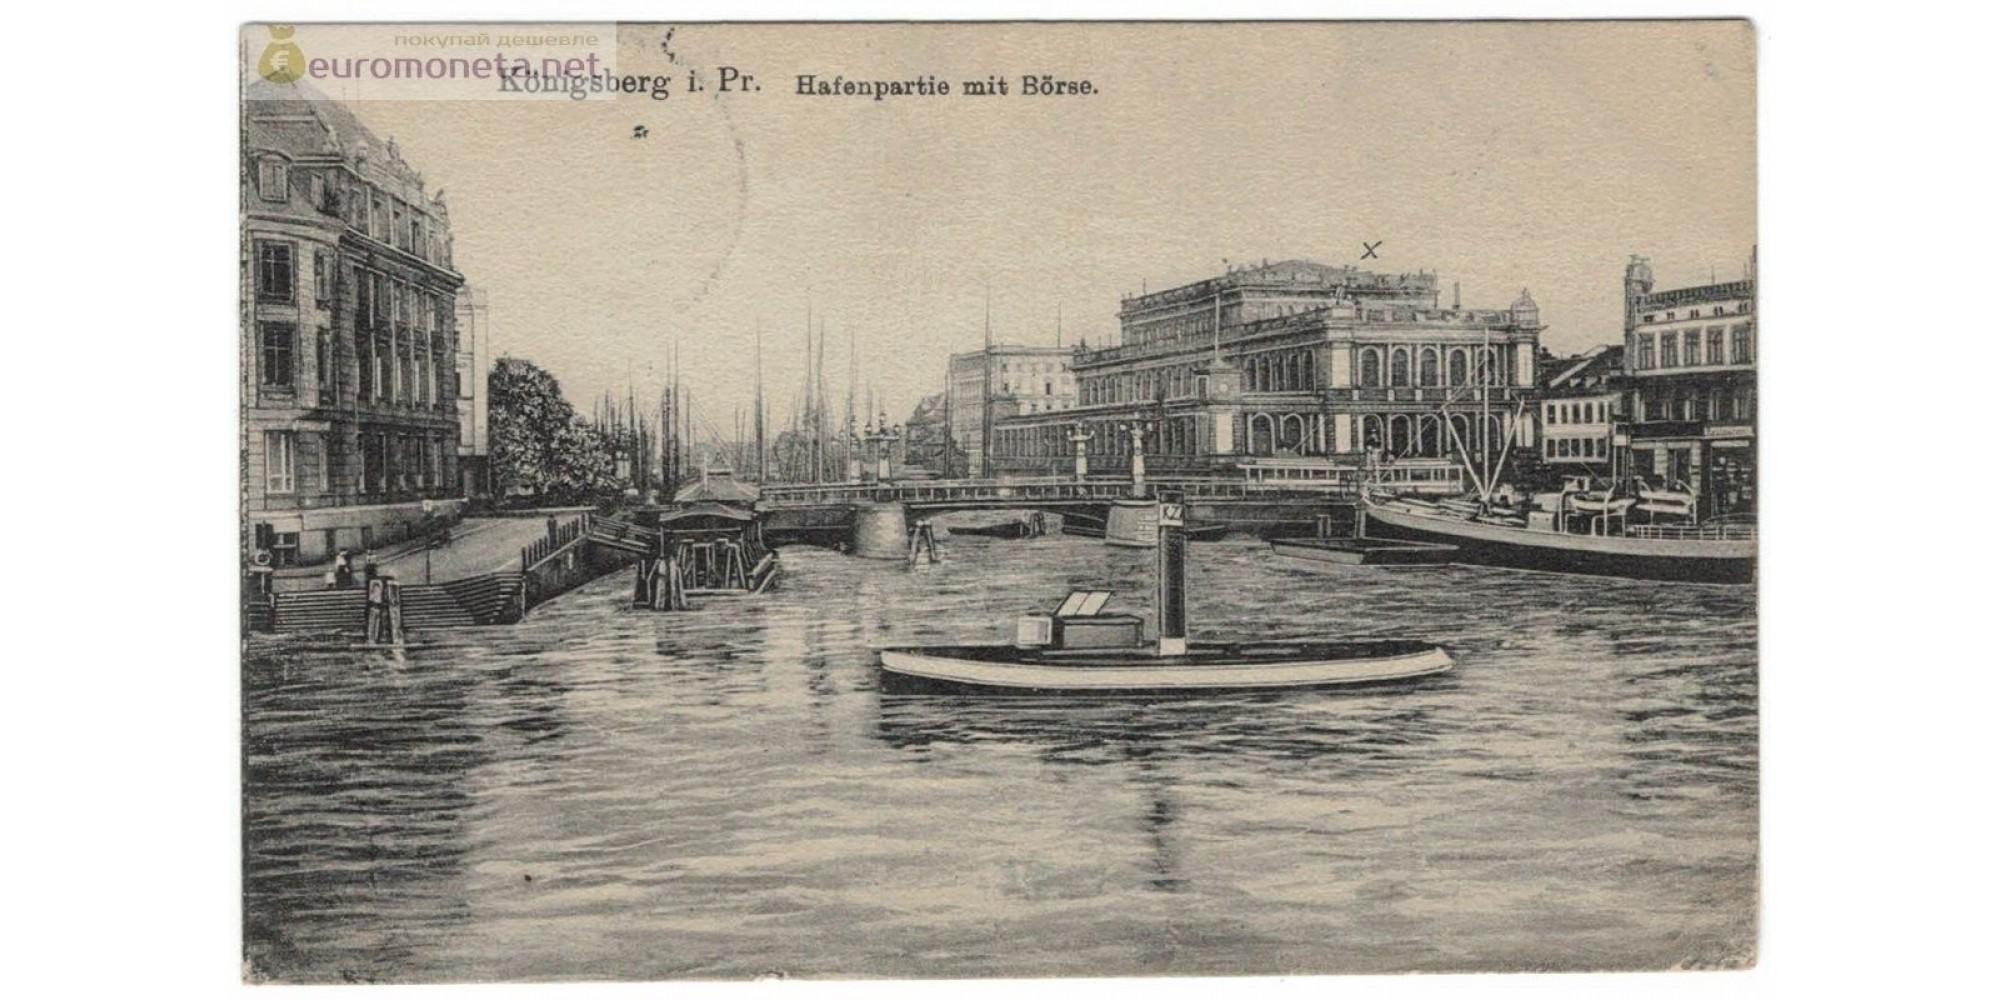 Открытка Пруссия Кёнигсберг Kenigsberg биржа мост река Прегель гавань